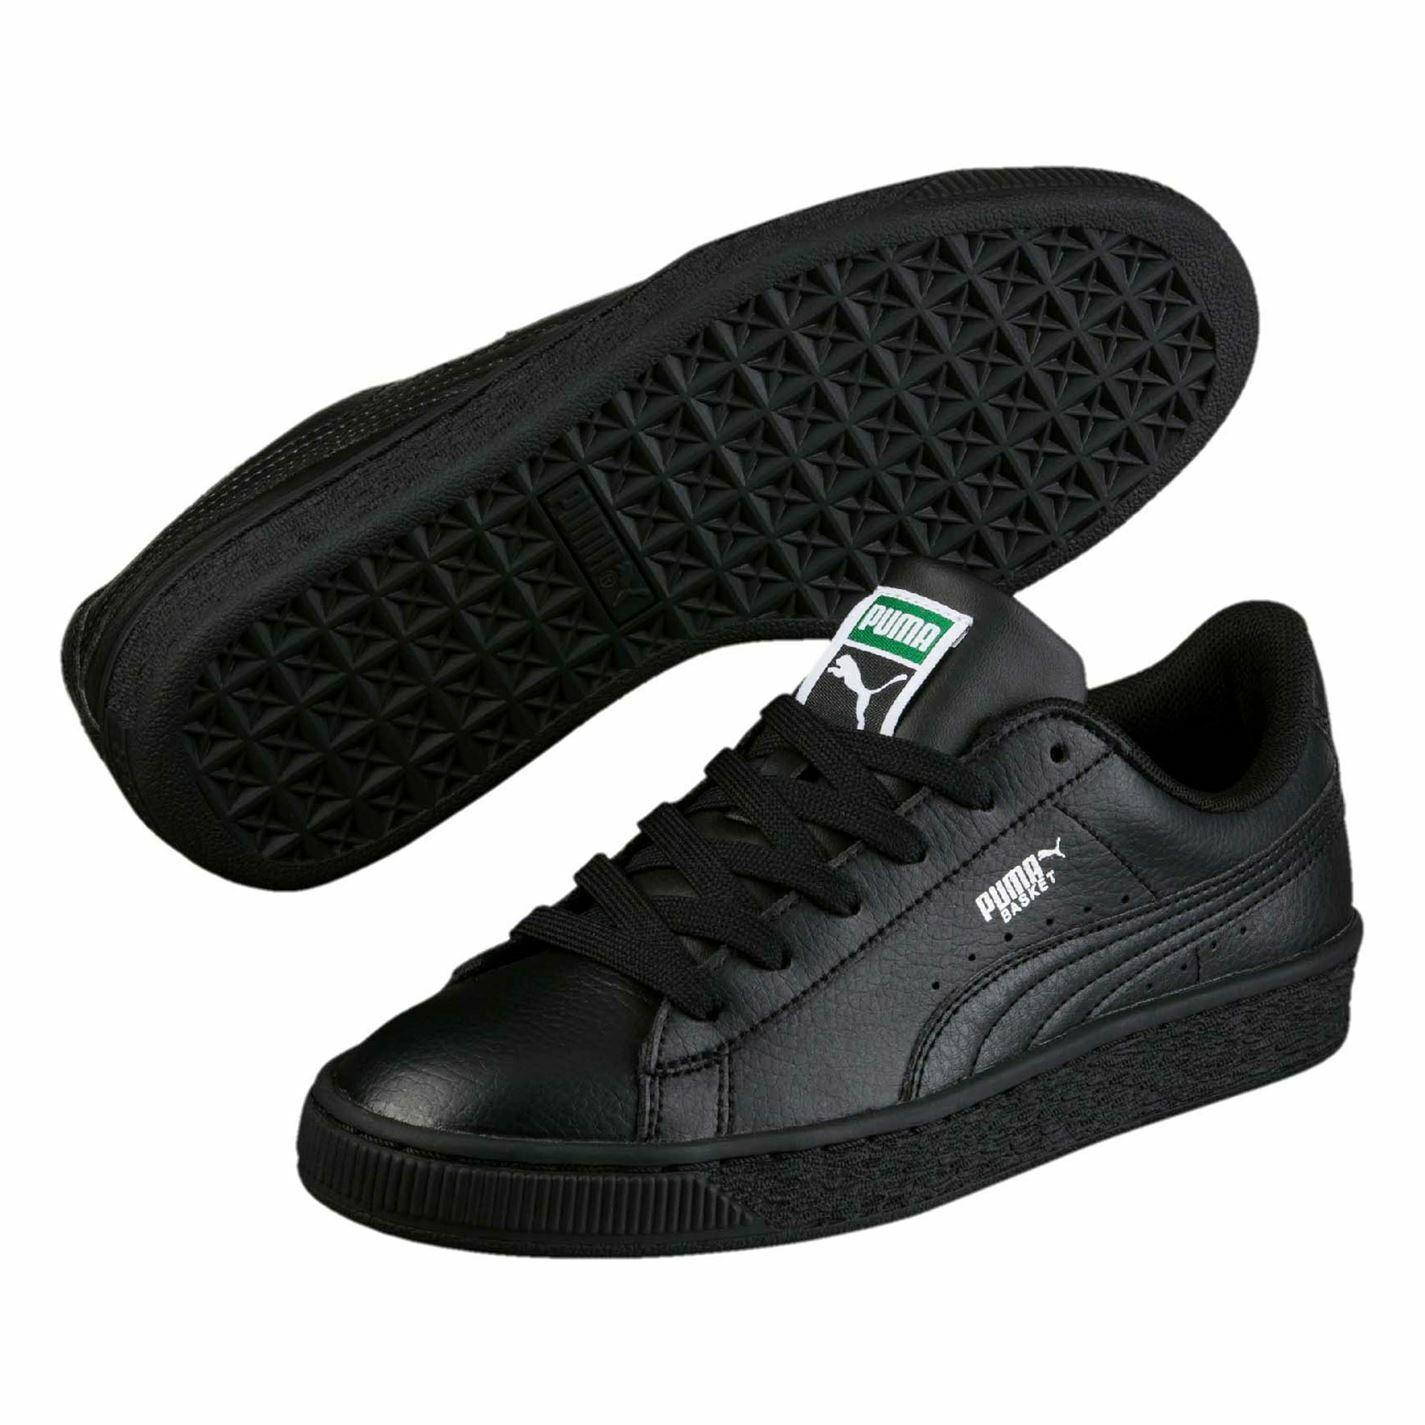 shoes de women Niños Unisex Gimnasia Zapatillas Puma Baloncesto Clásico Lfs